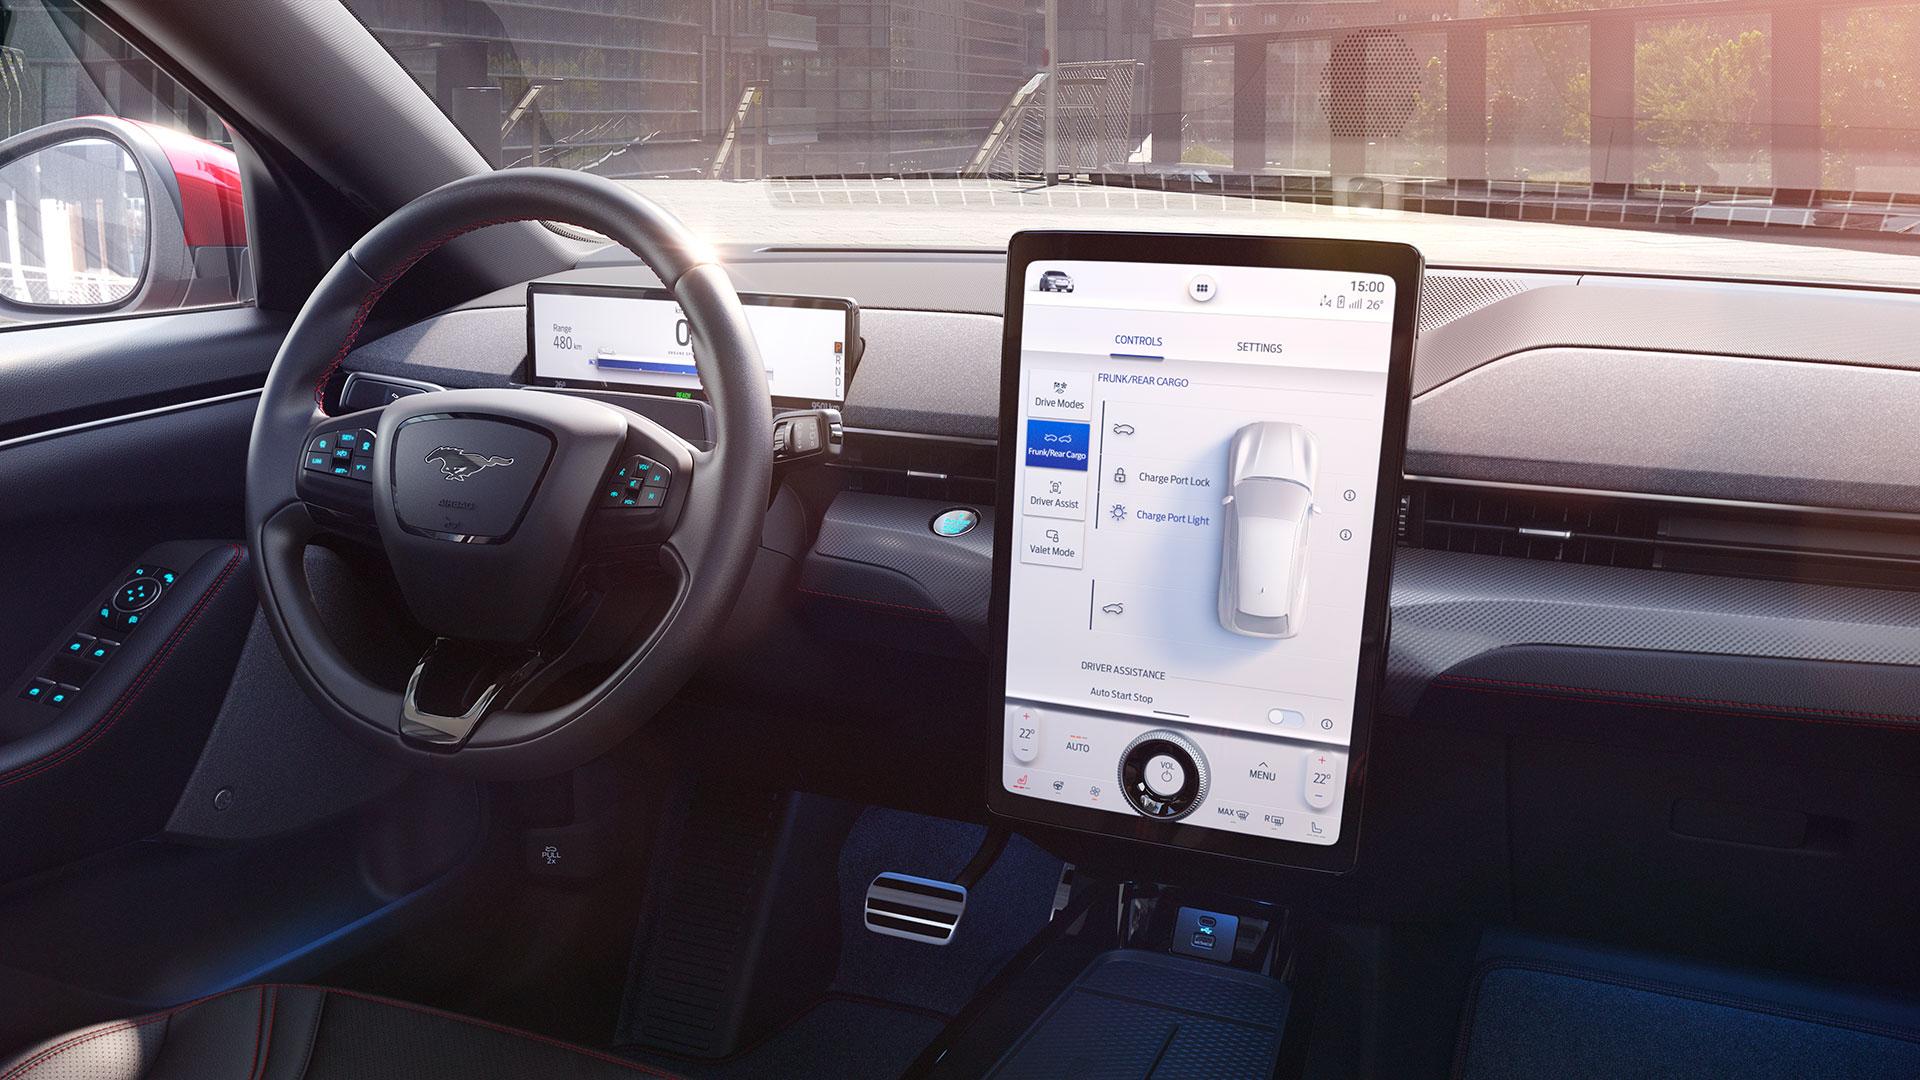 Ford: Κατέθεσε πατέντα για να βάζει διαφημίσεις στα infotainment των αυτοκινήτων της!